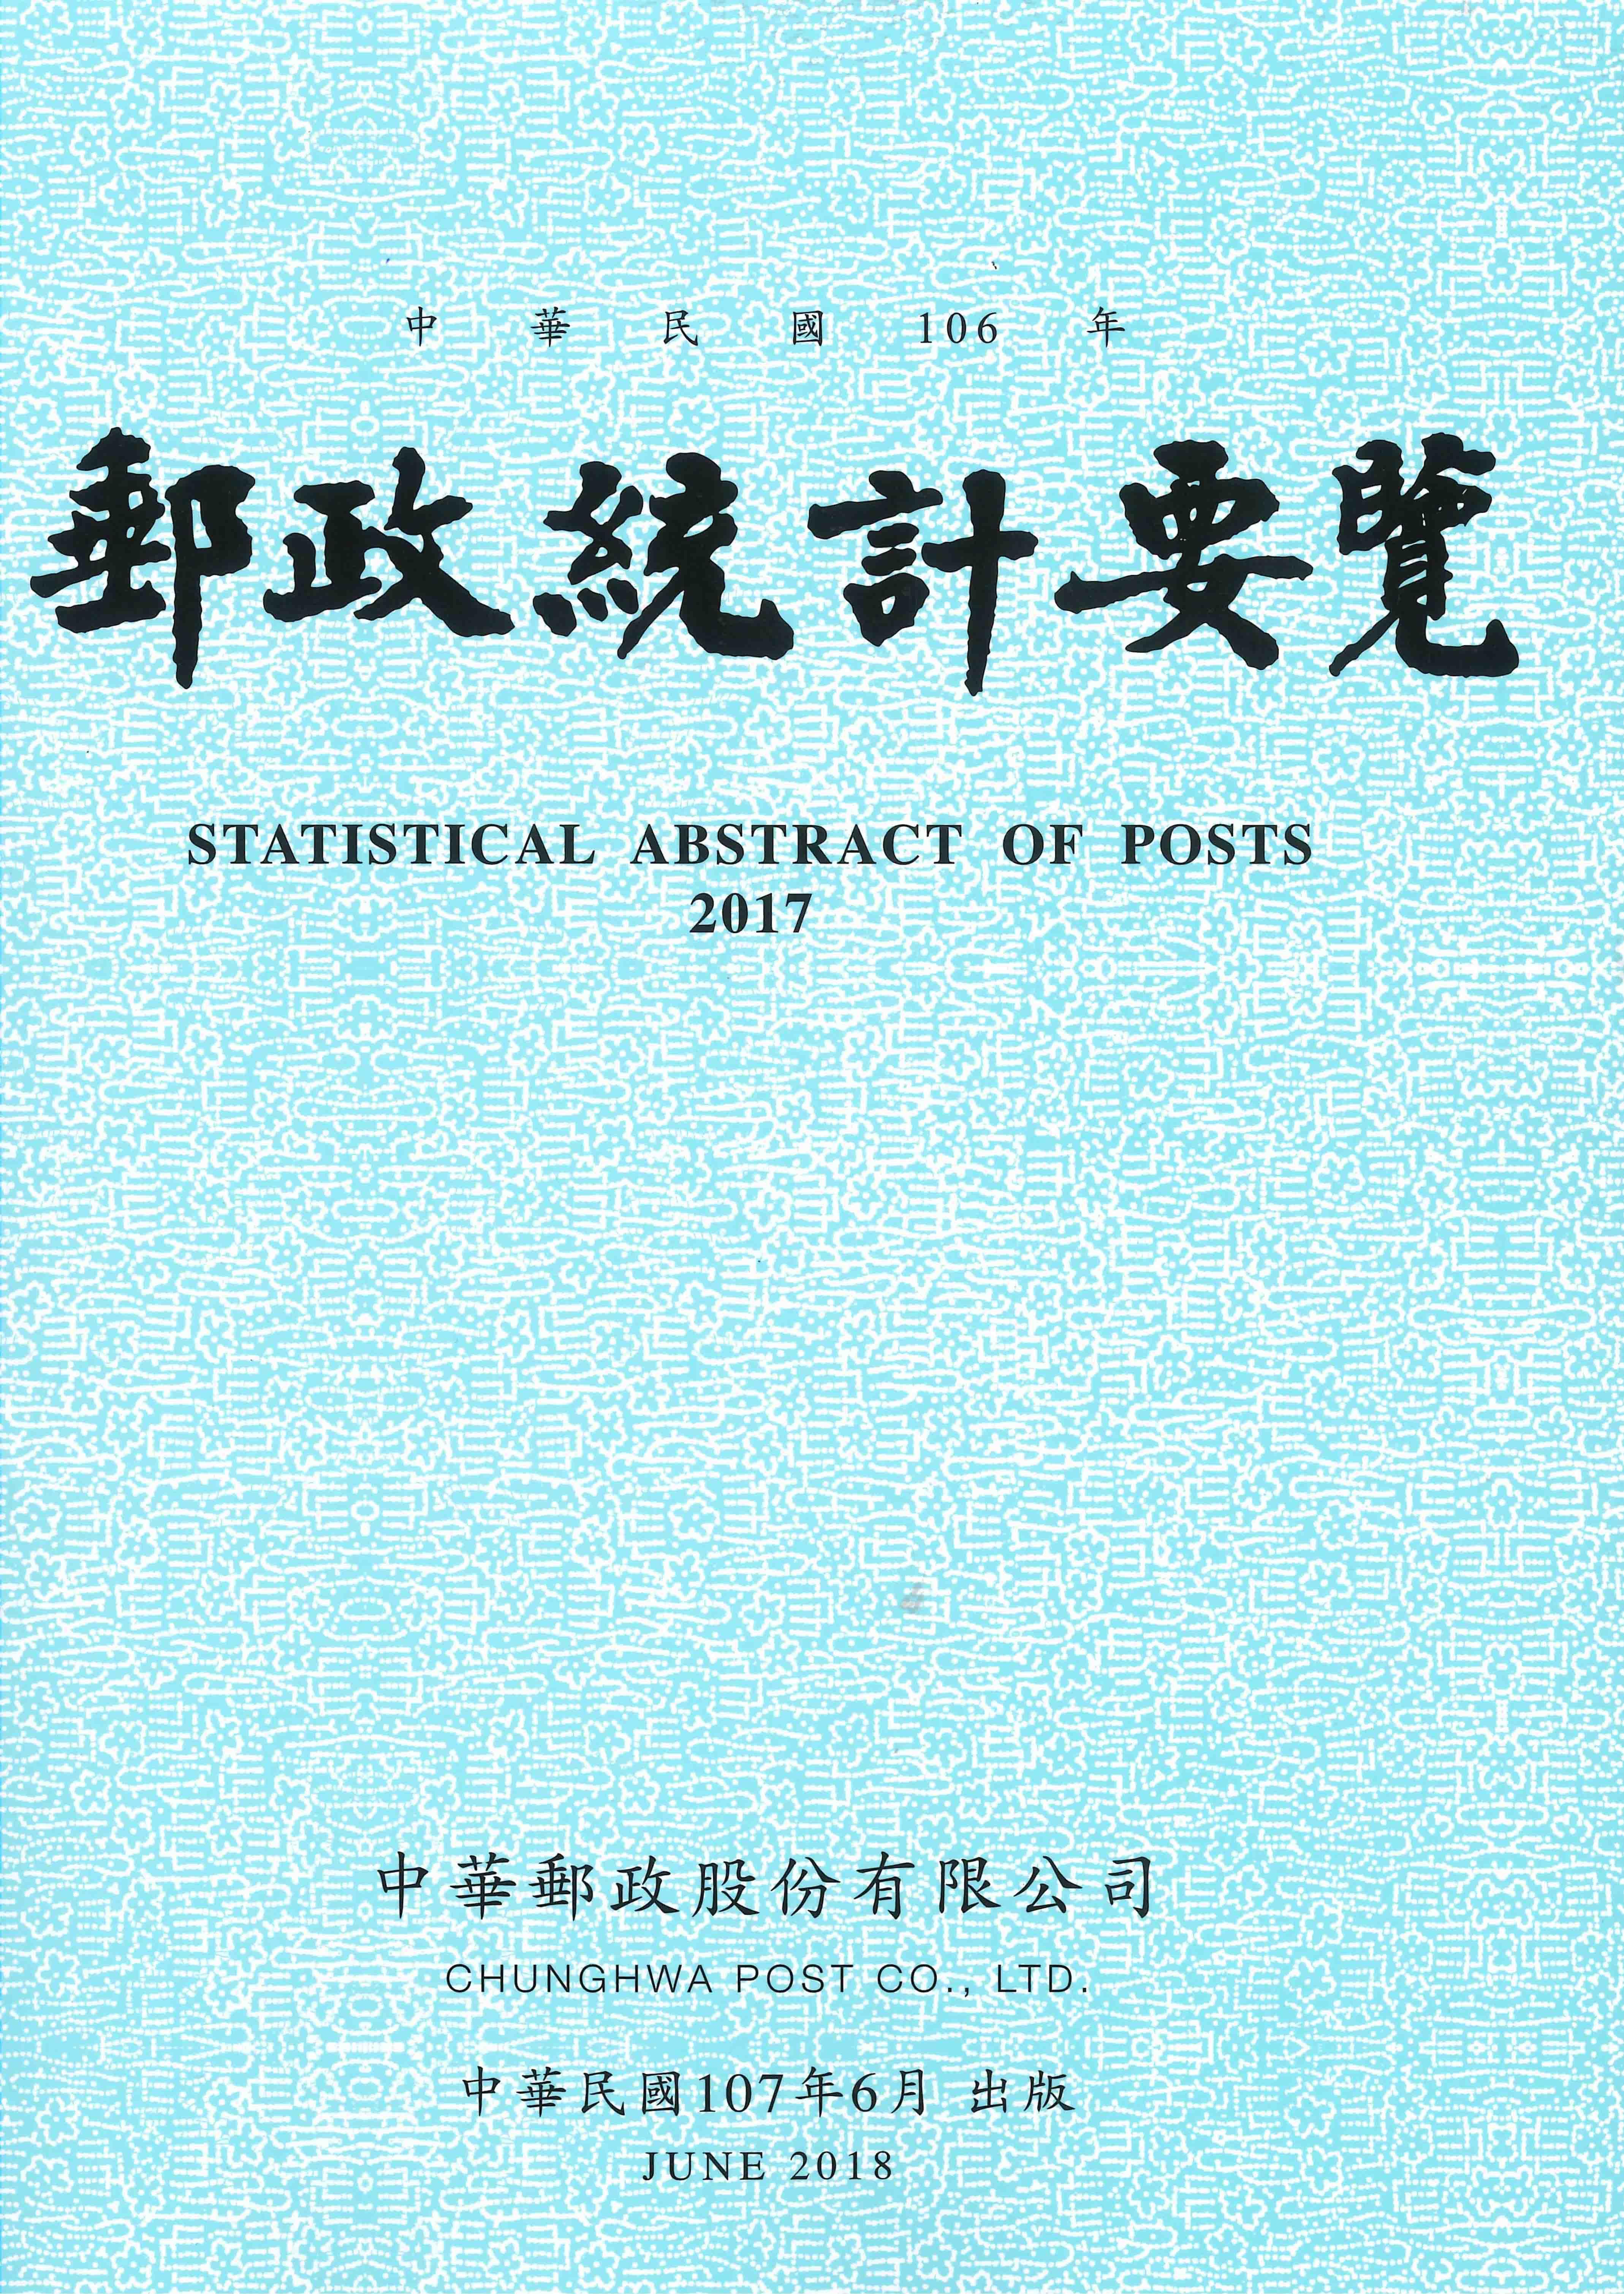 106年郵政統計要覽